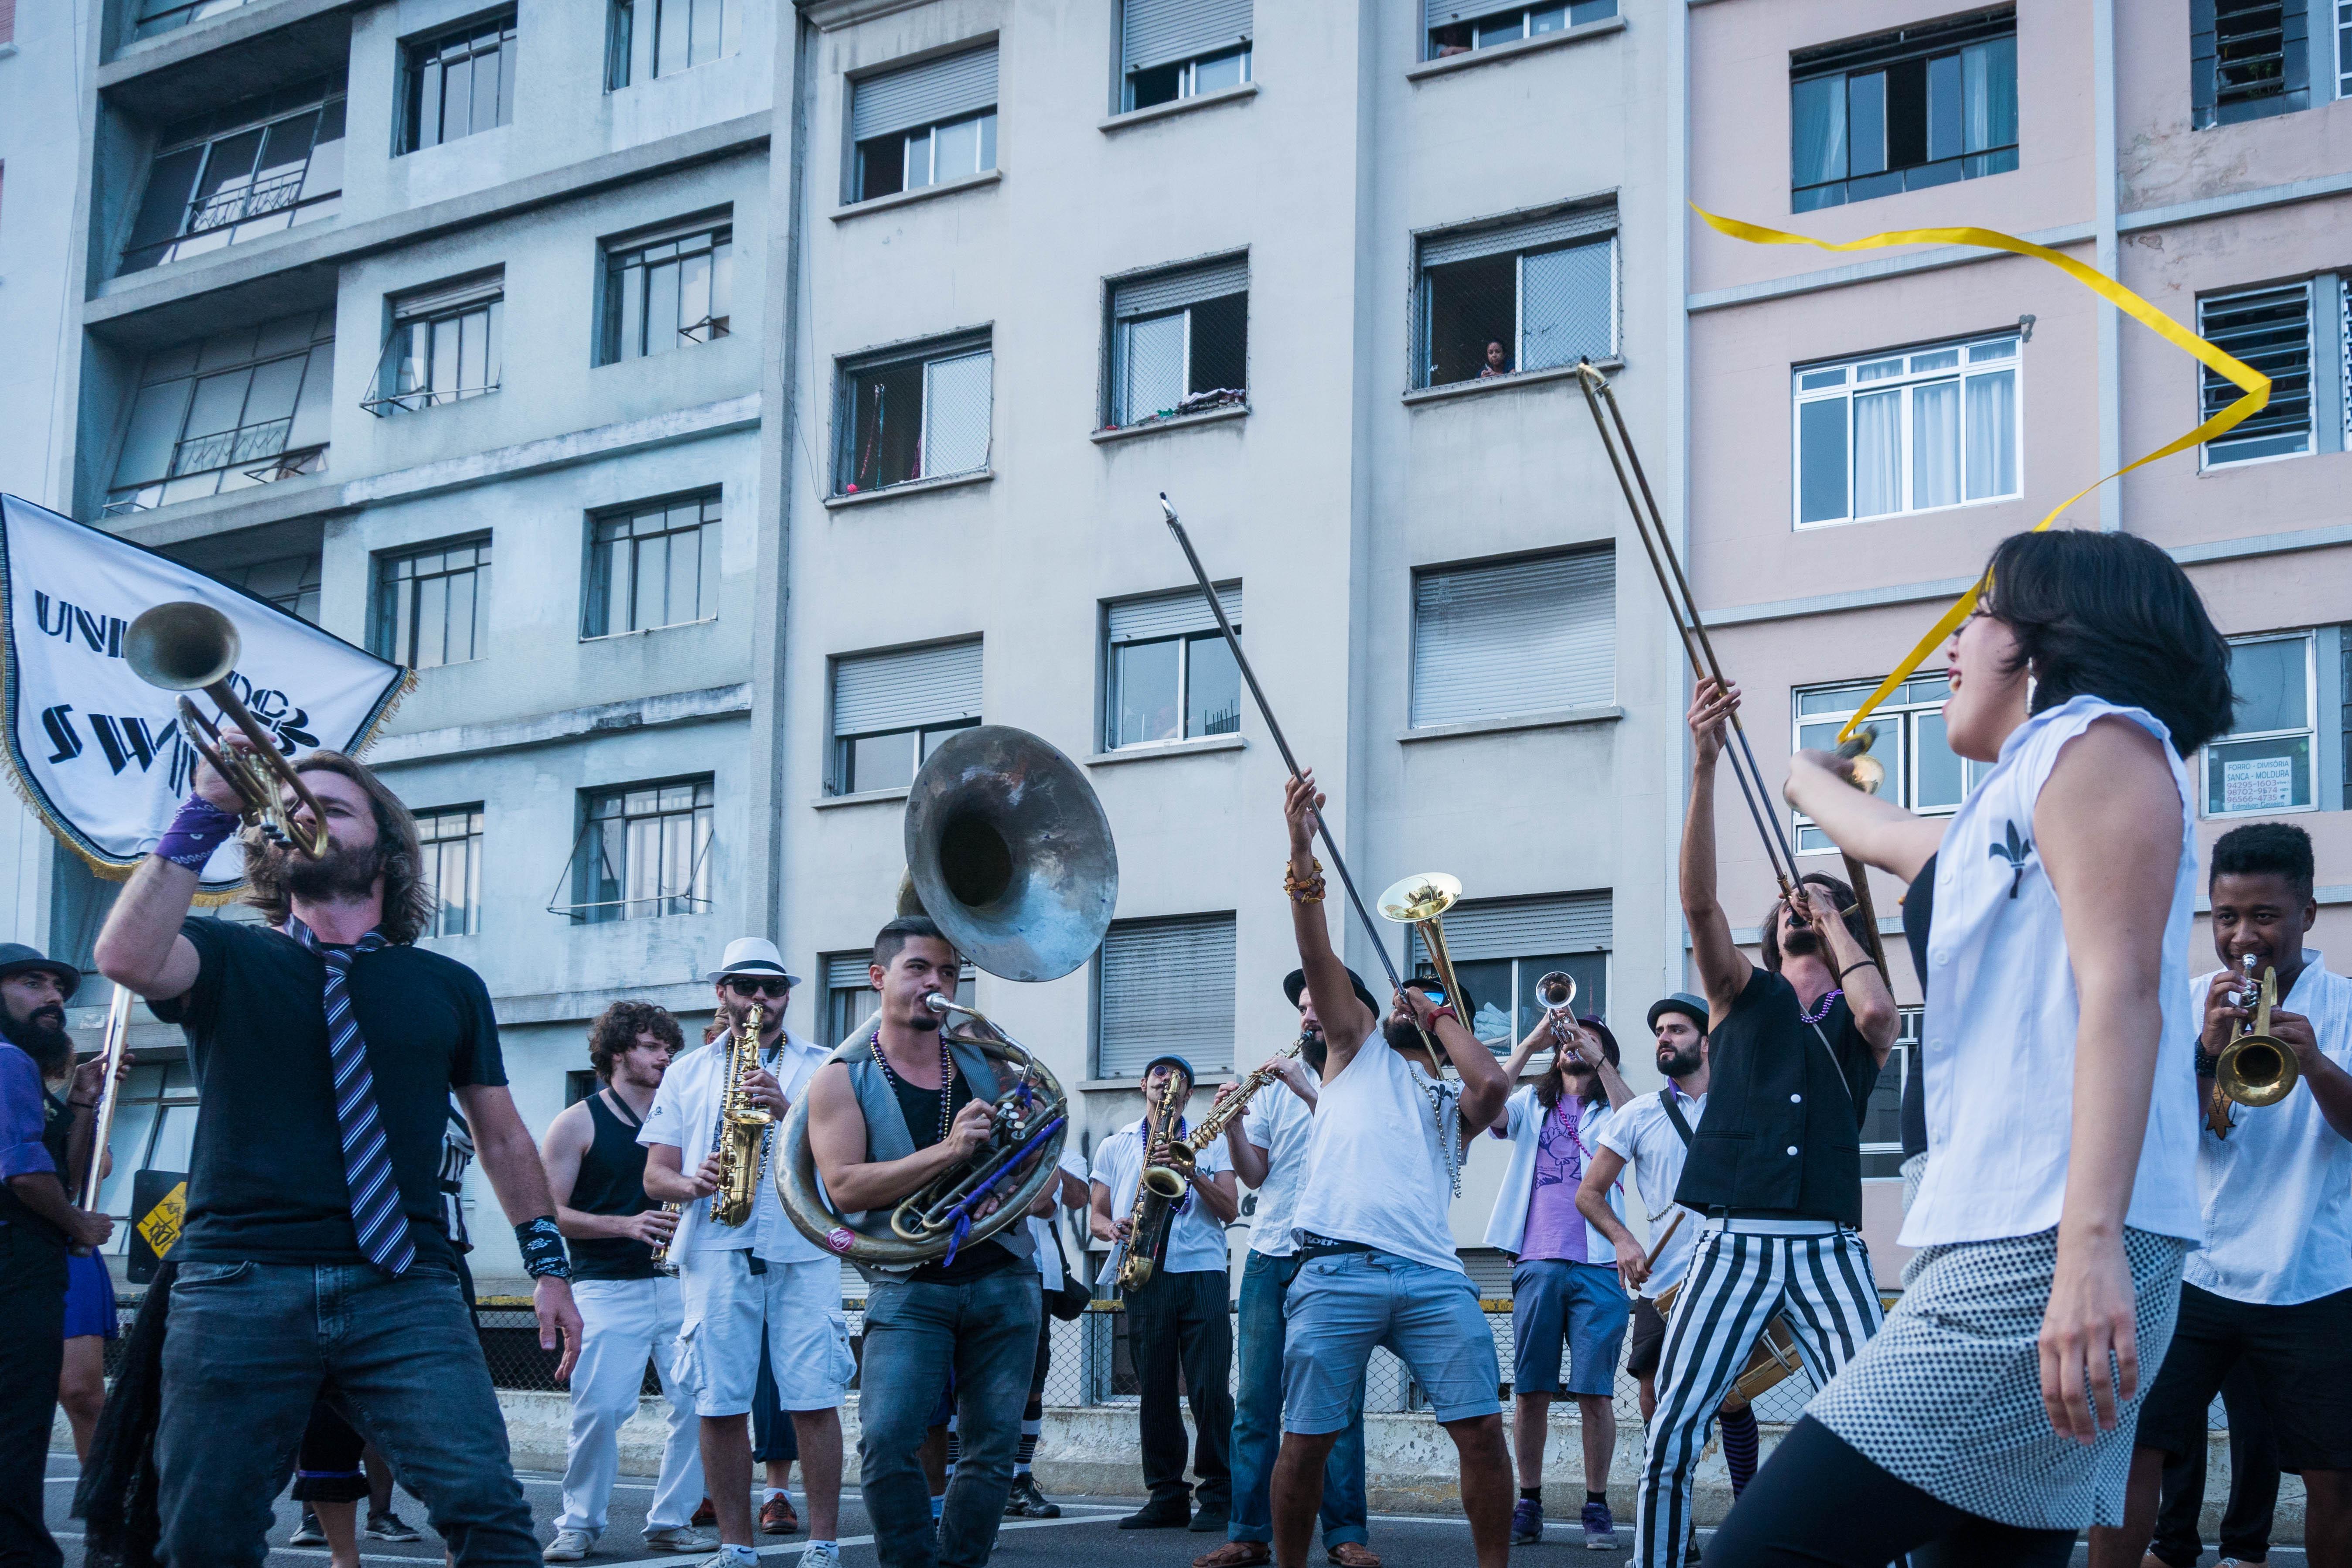 músicos banda fazendo apresentação festival rua